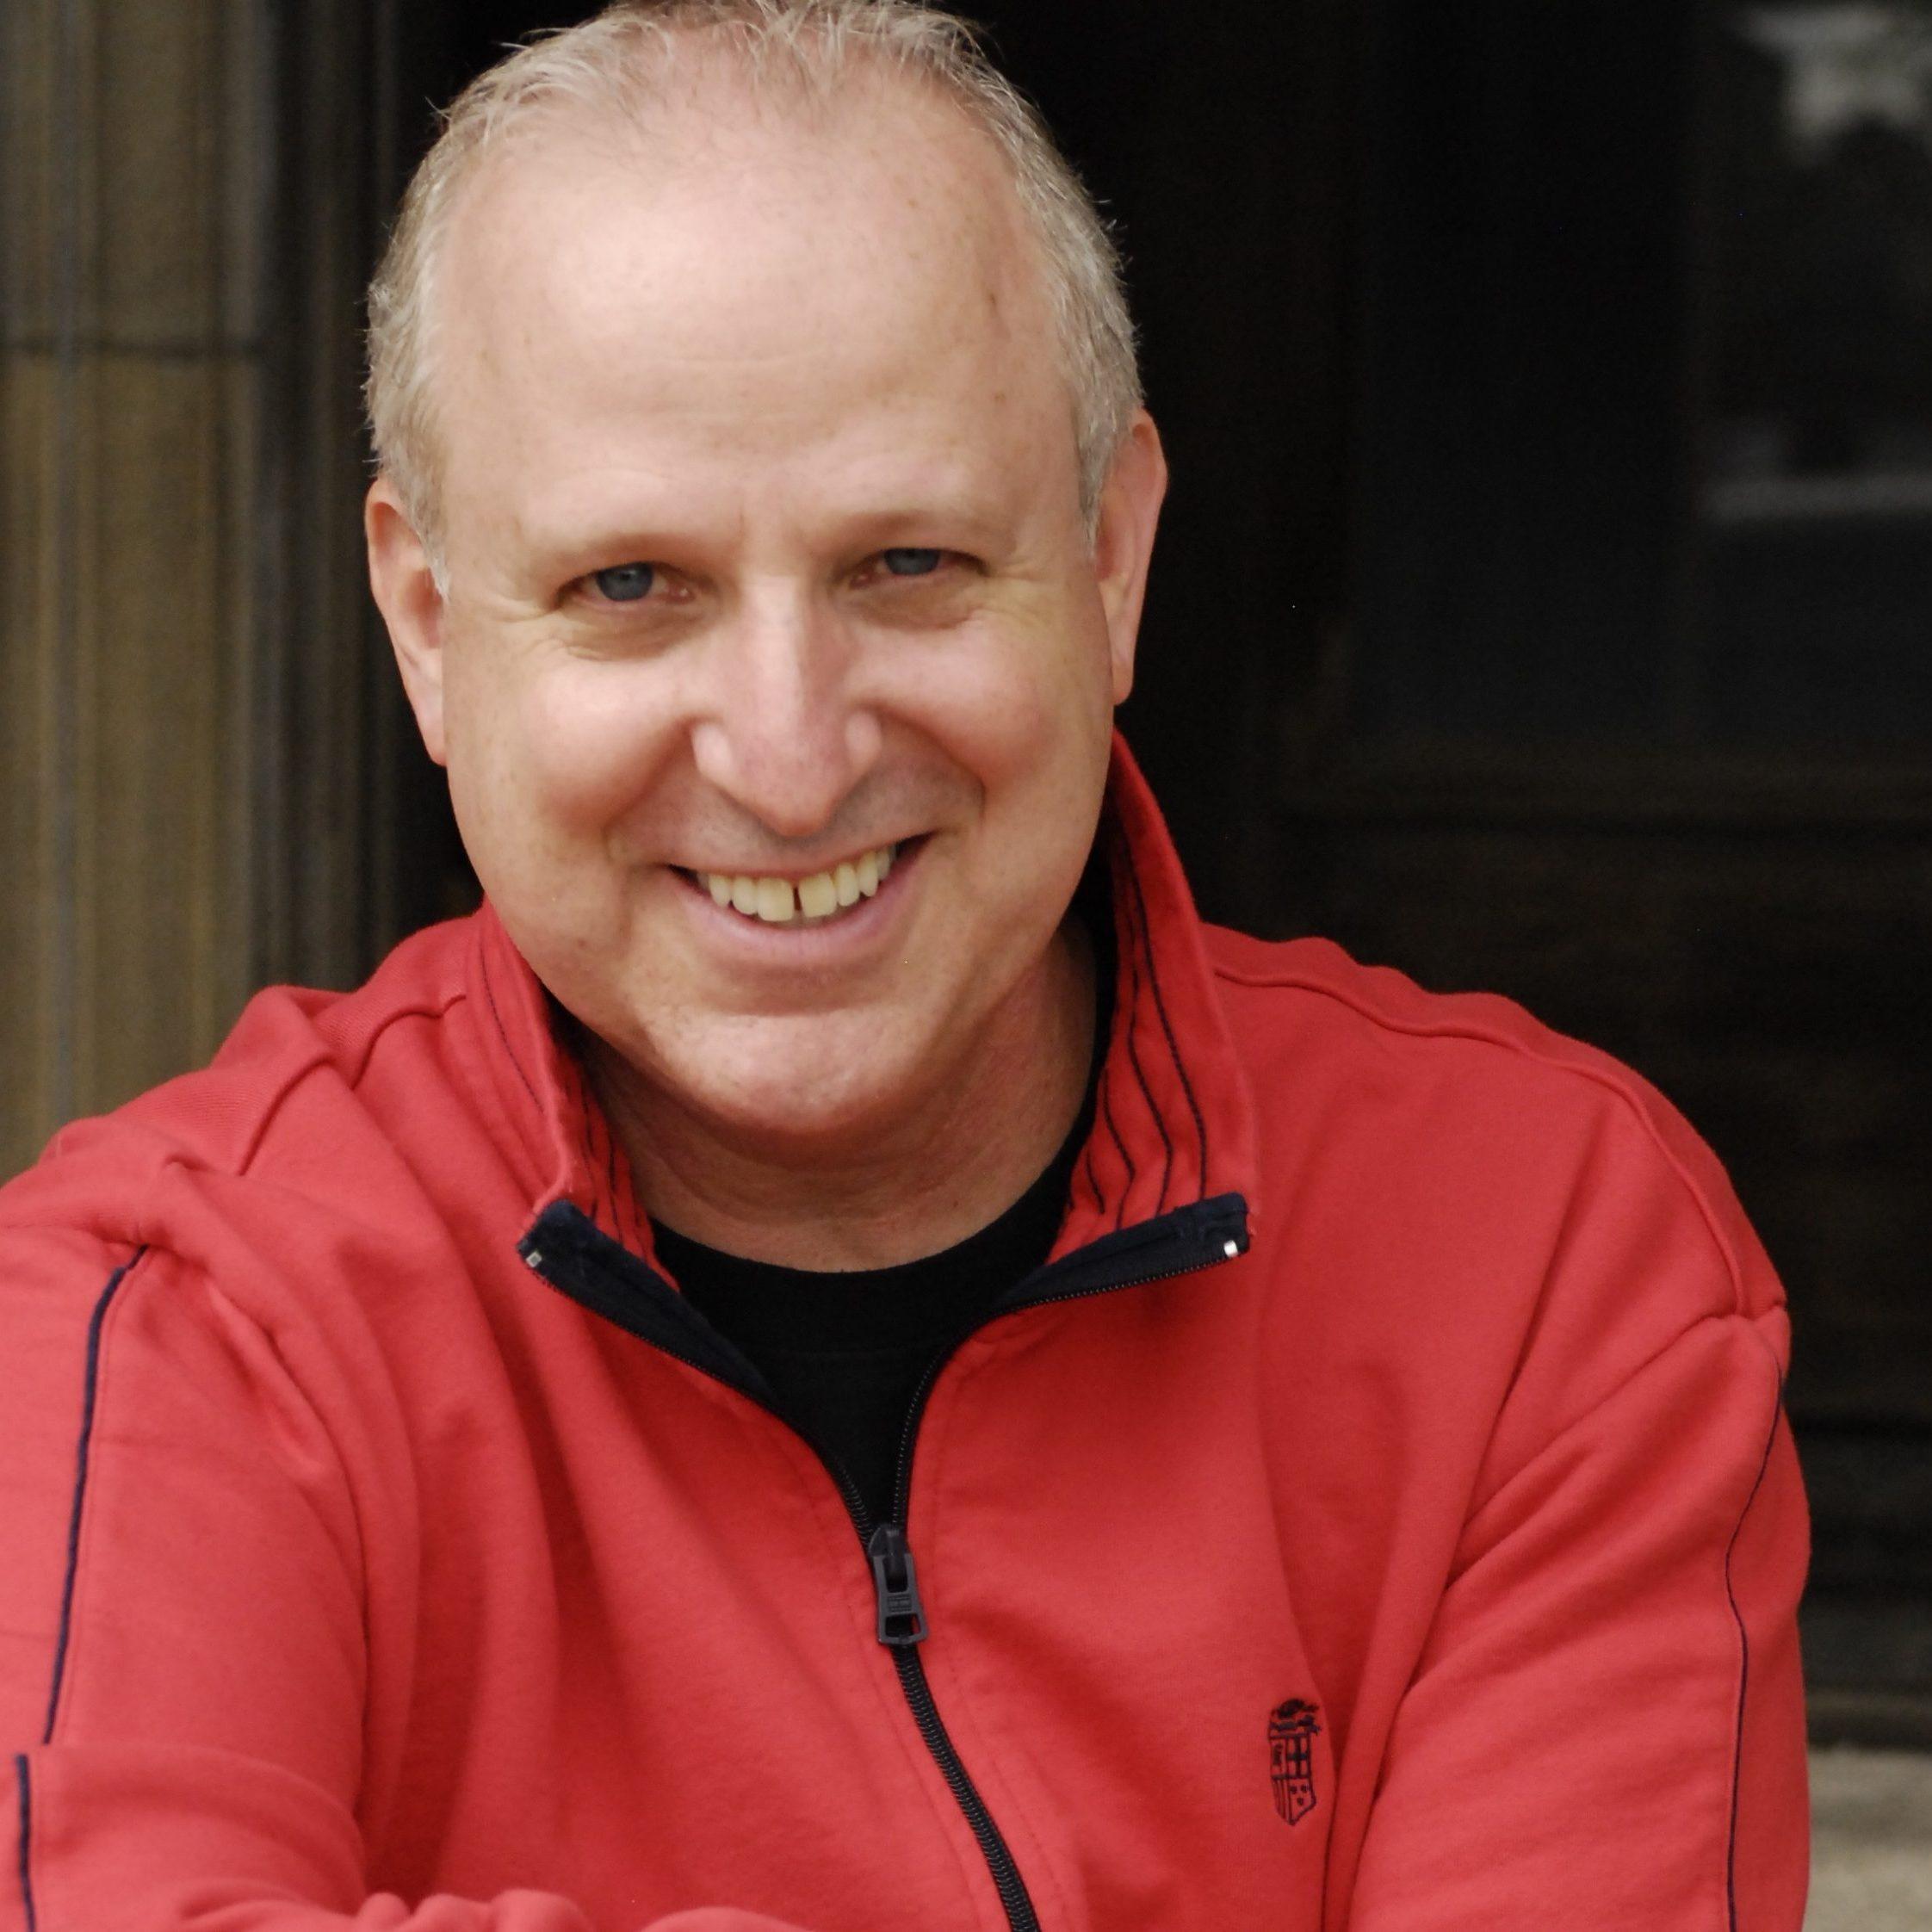 Richard Hess